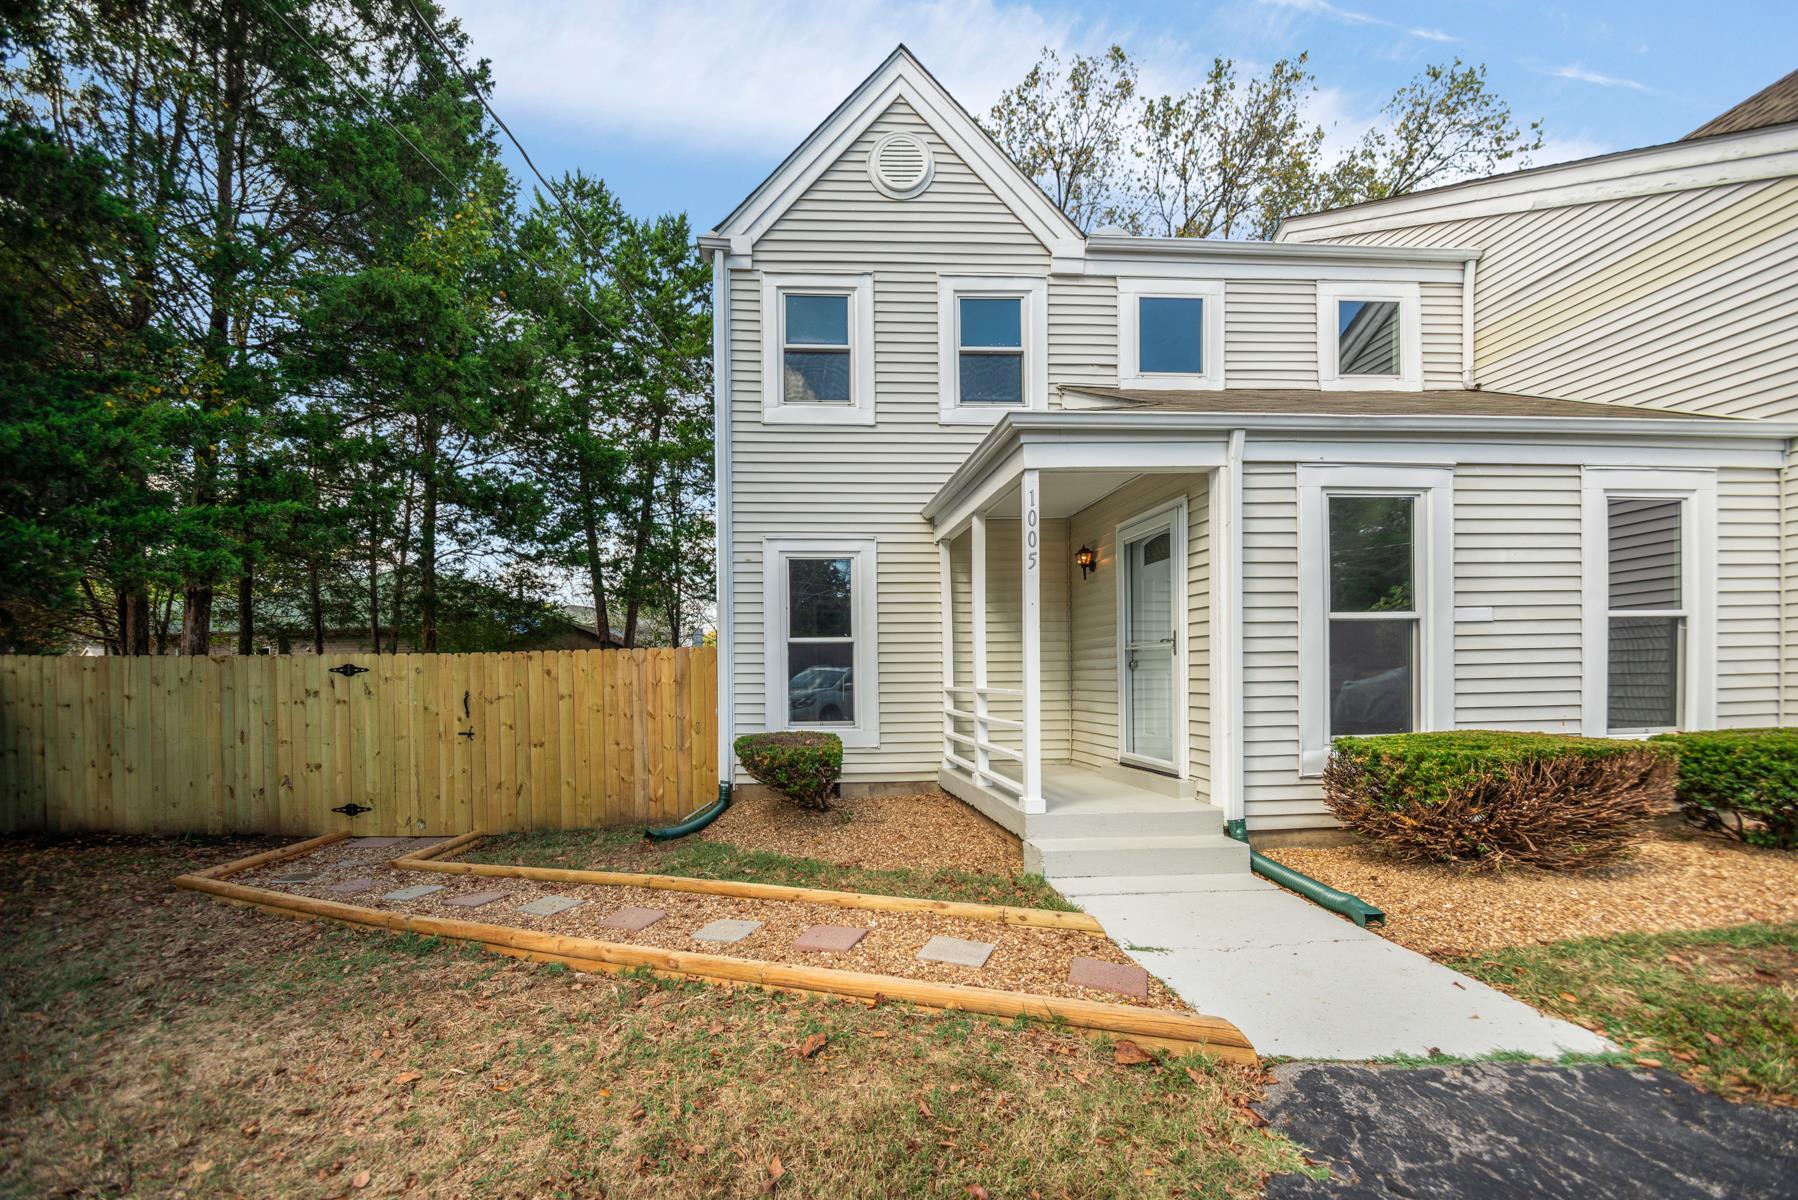 1005 Wesleyville St, Nashville, TN 37217 - Nashville, TN real estate listing